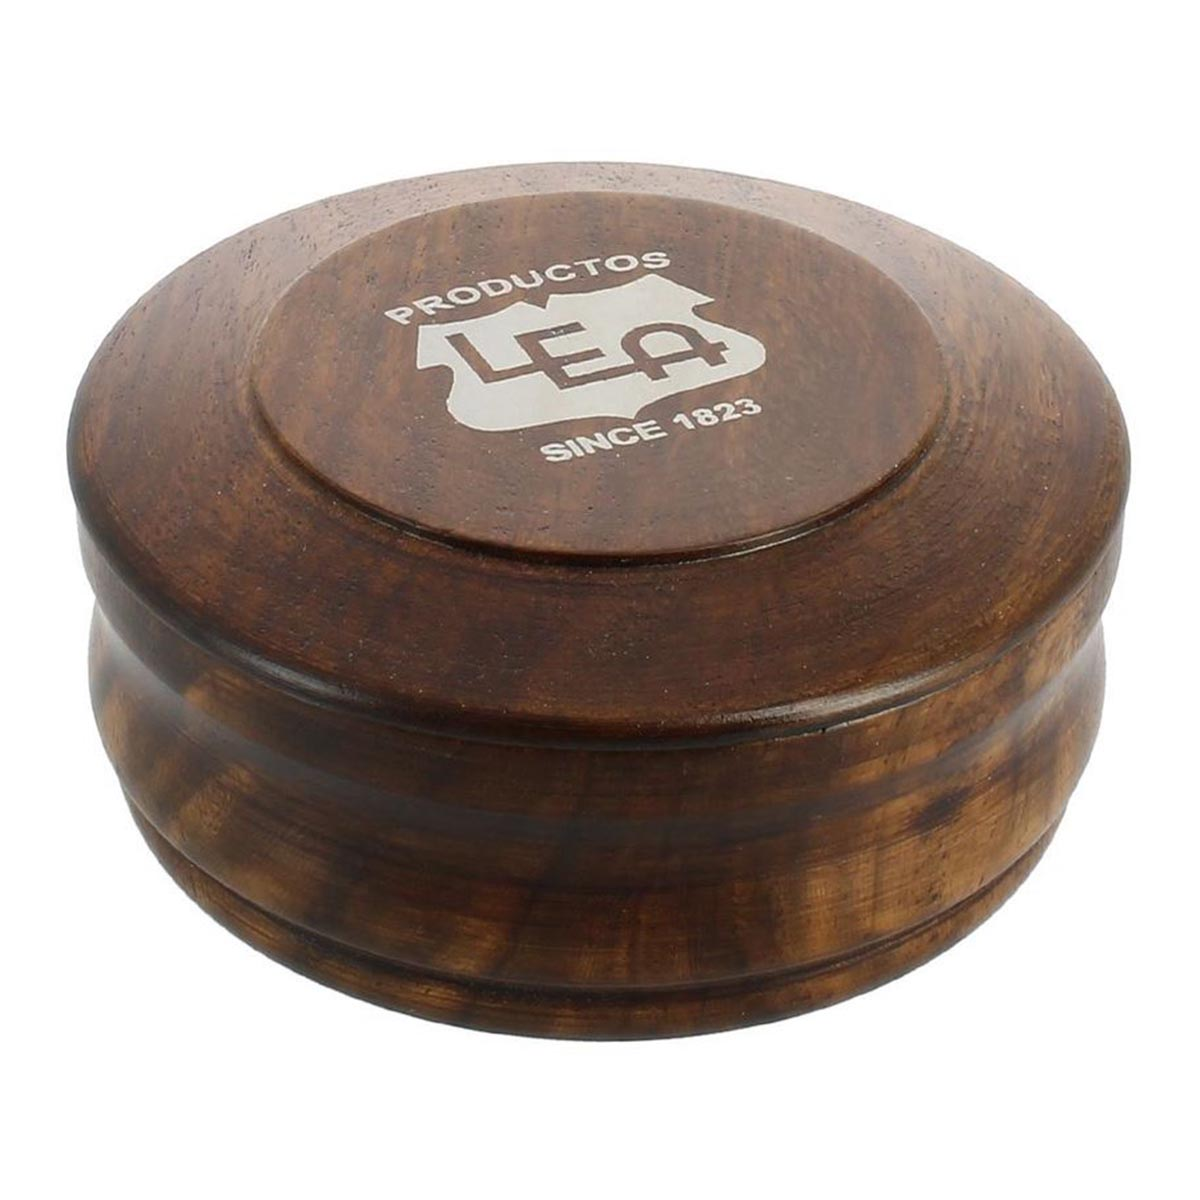 Lea Classic Shaving Cream In Wood Jar 100ml